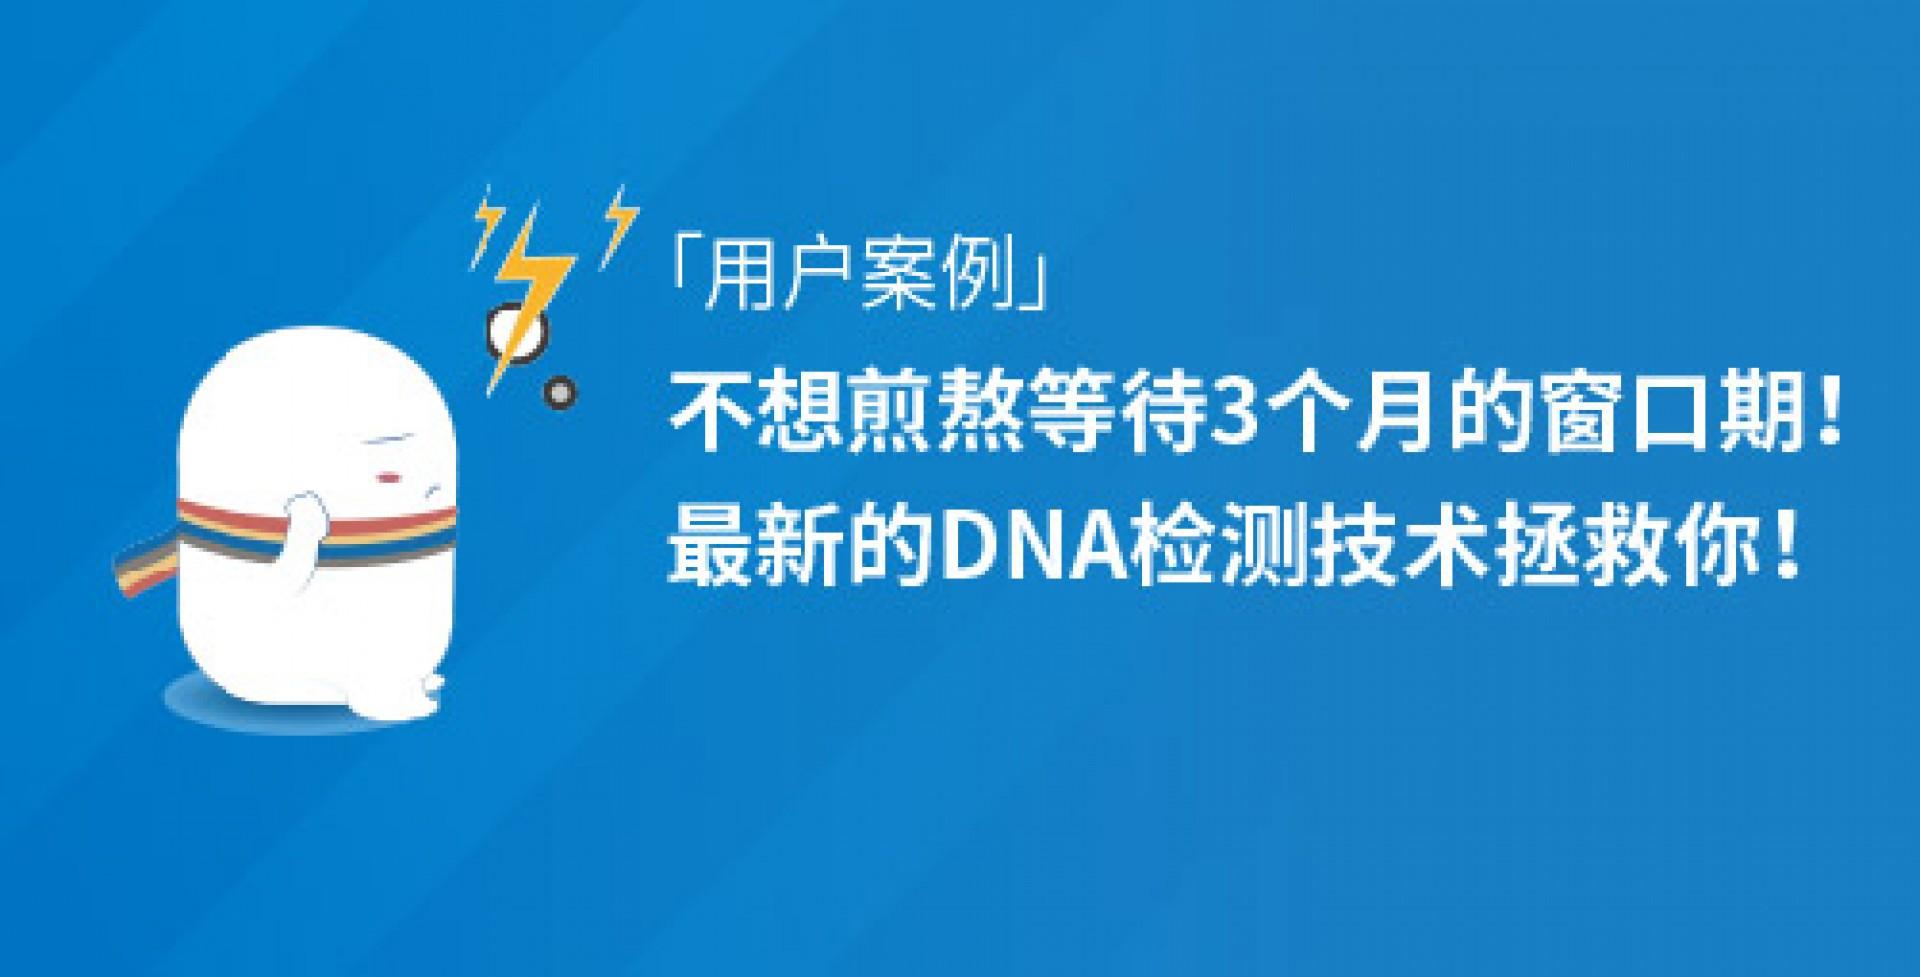 「用戶案例」不想煎熬等待3個月的窗口期,最新的DNA檢測技術拯救你!